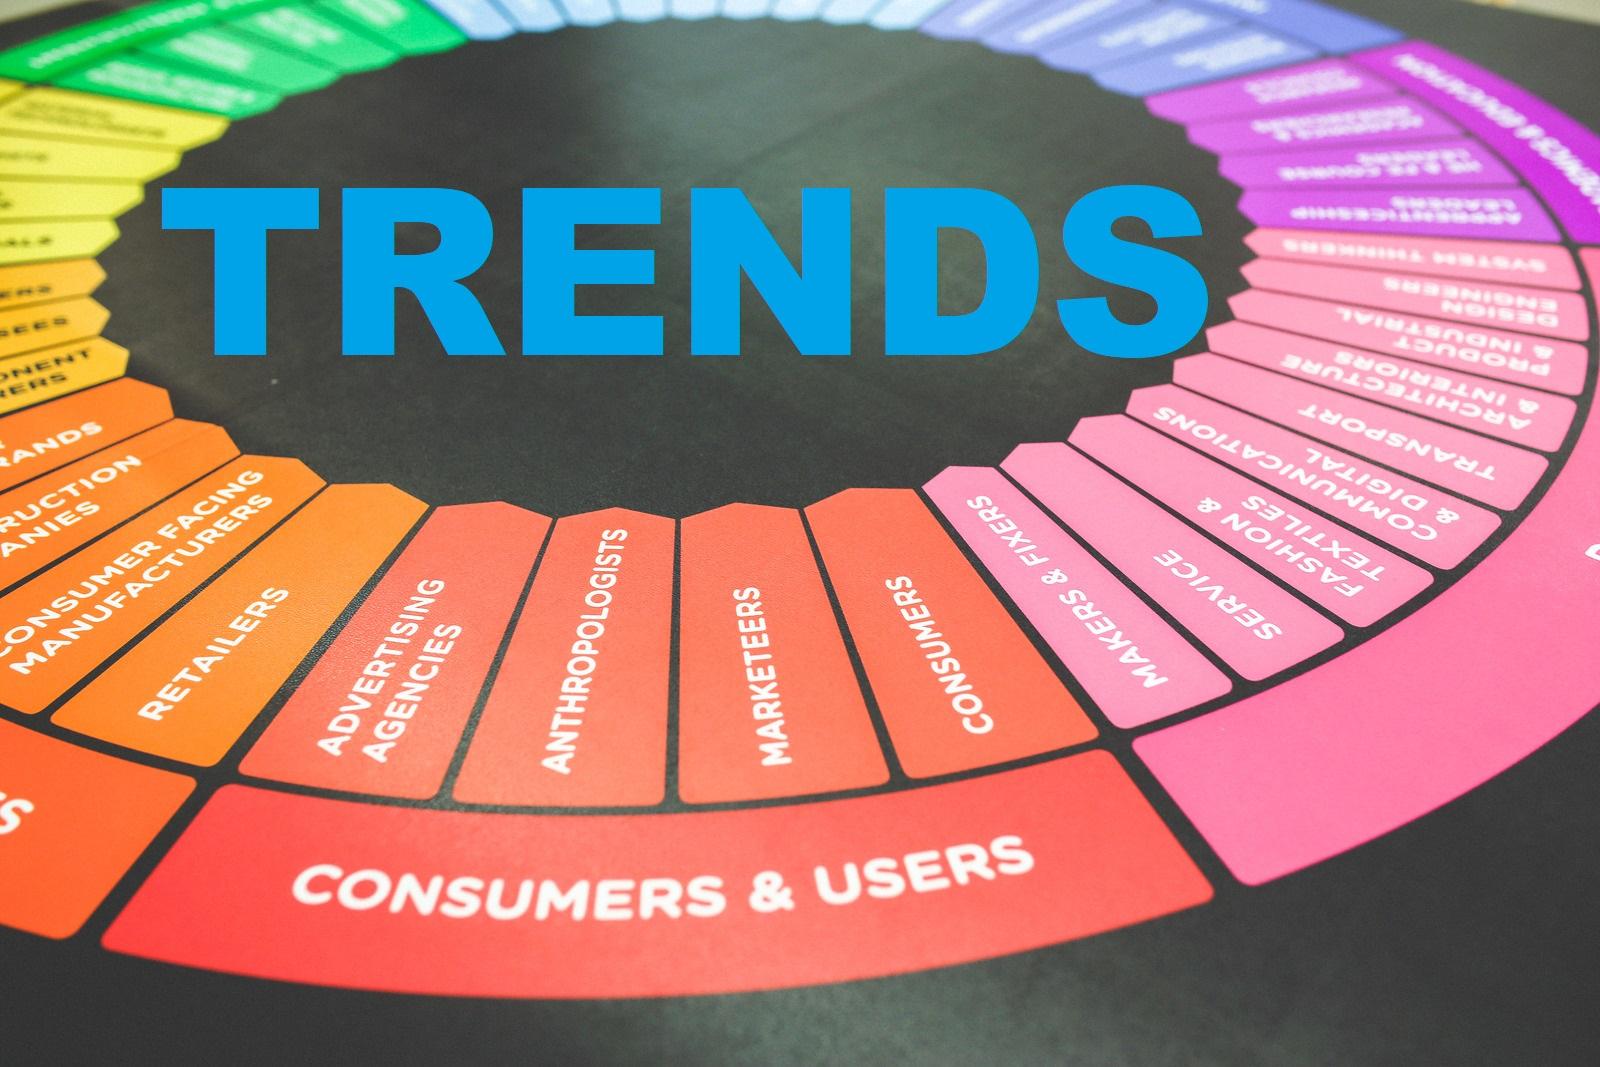 Trends Colour